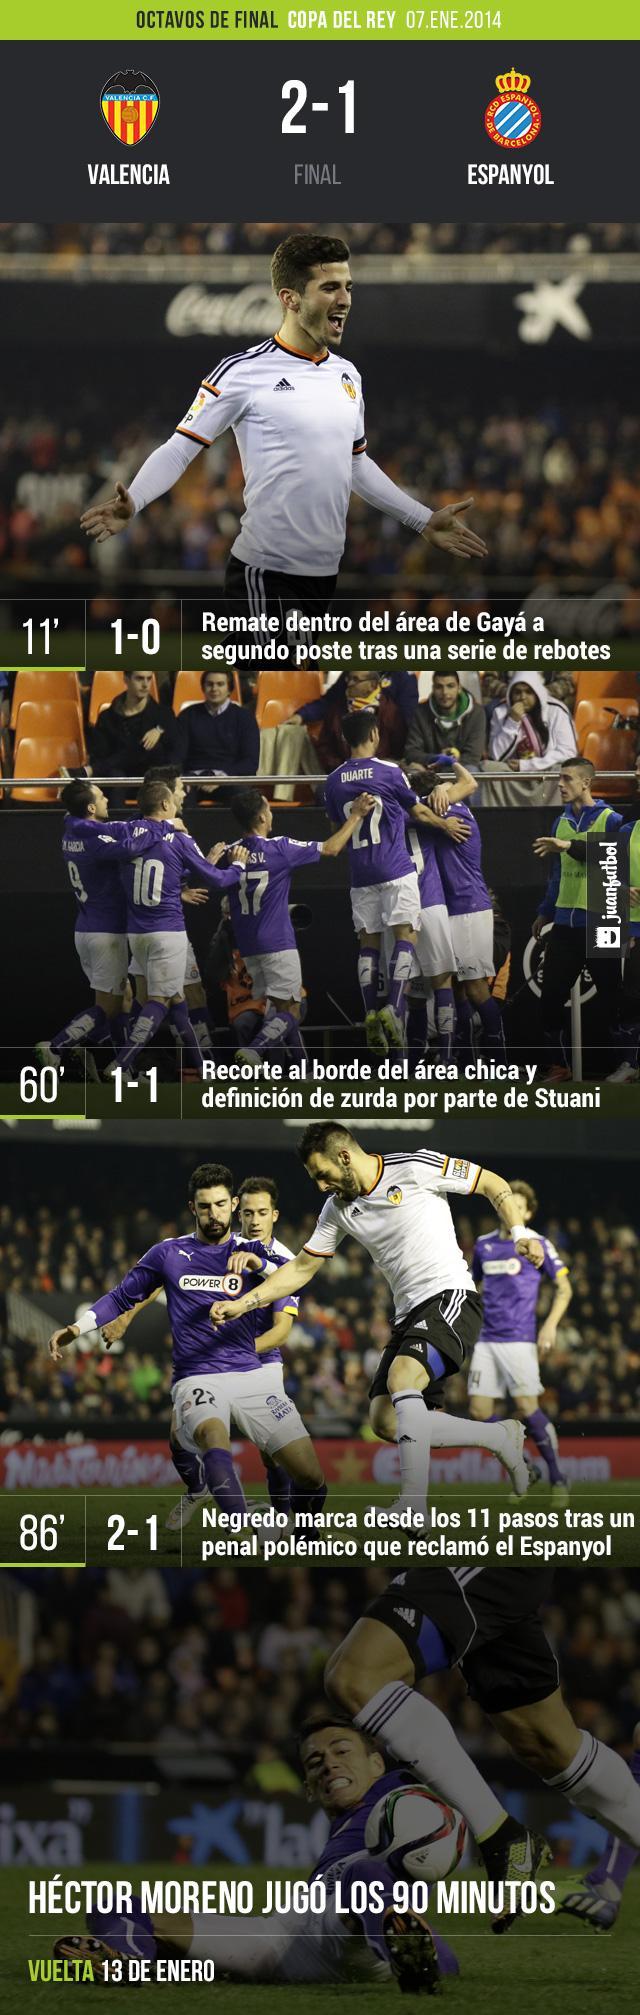 Valencia vence 2-1 al Espanyol con goles de Stuani y Negredo